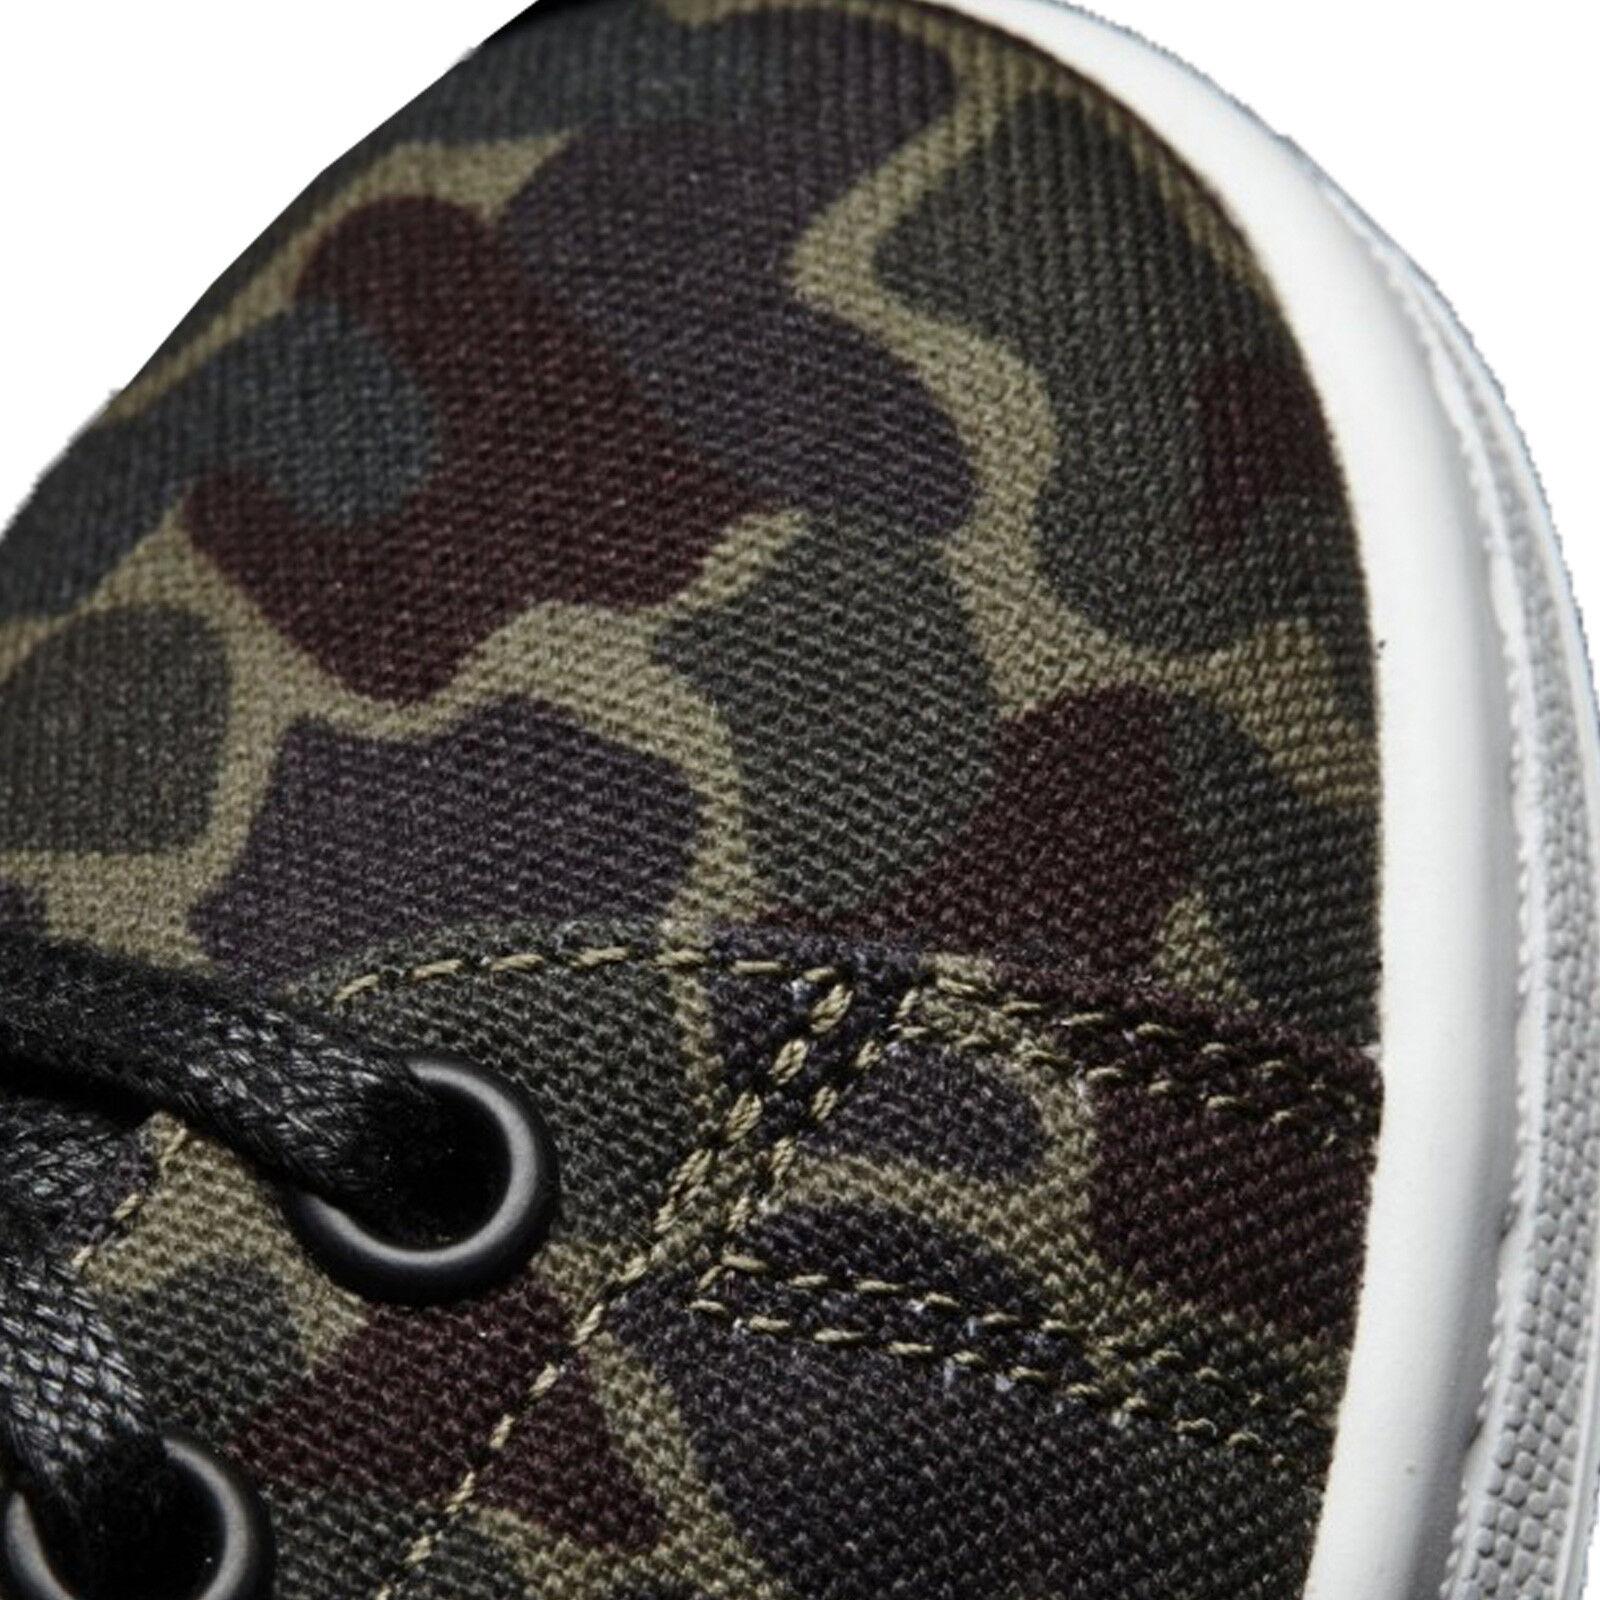 ADIDAS Originals Stan Smith scarpe da ginnastica Donna Scarpe Sportive Sportive Sportive nightcargo MIMETICO | Stili diversi  | Uomo/Donne Scarpa  936eb6